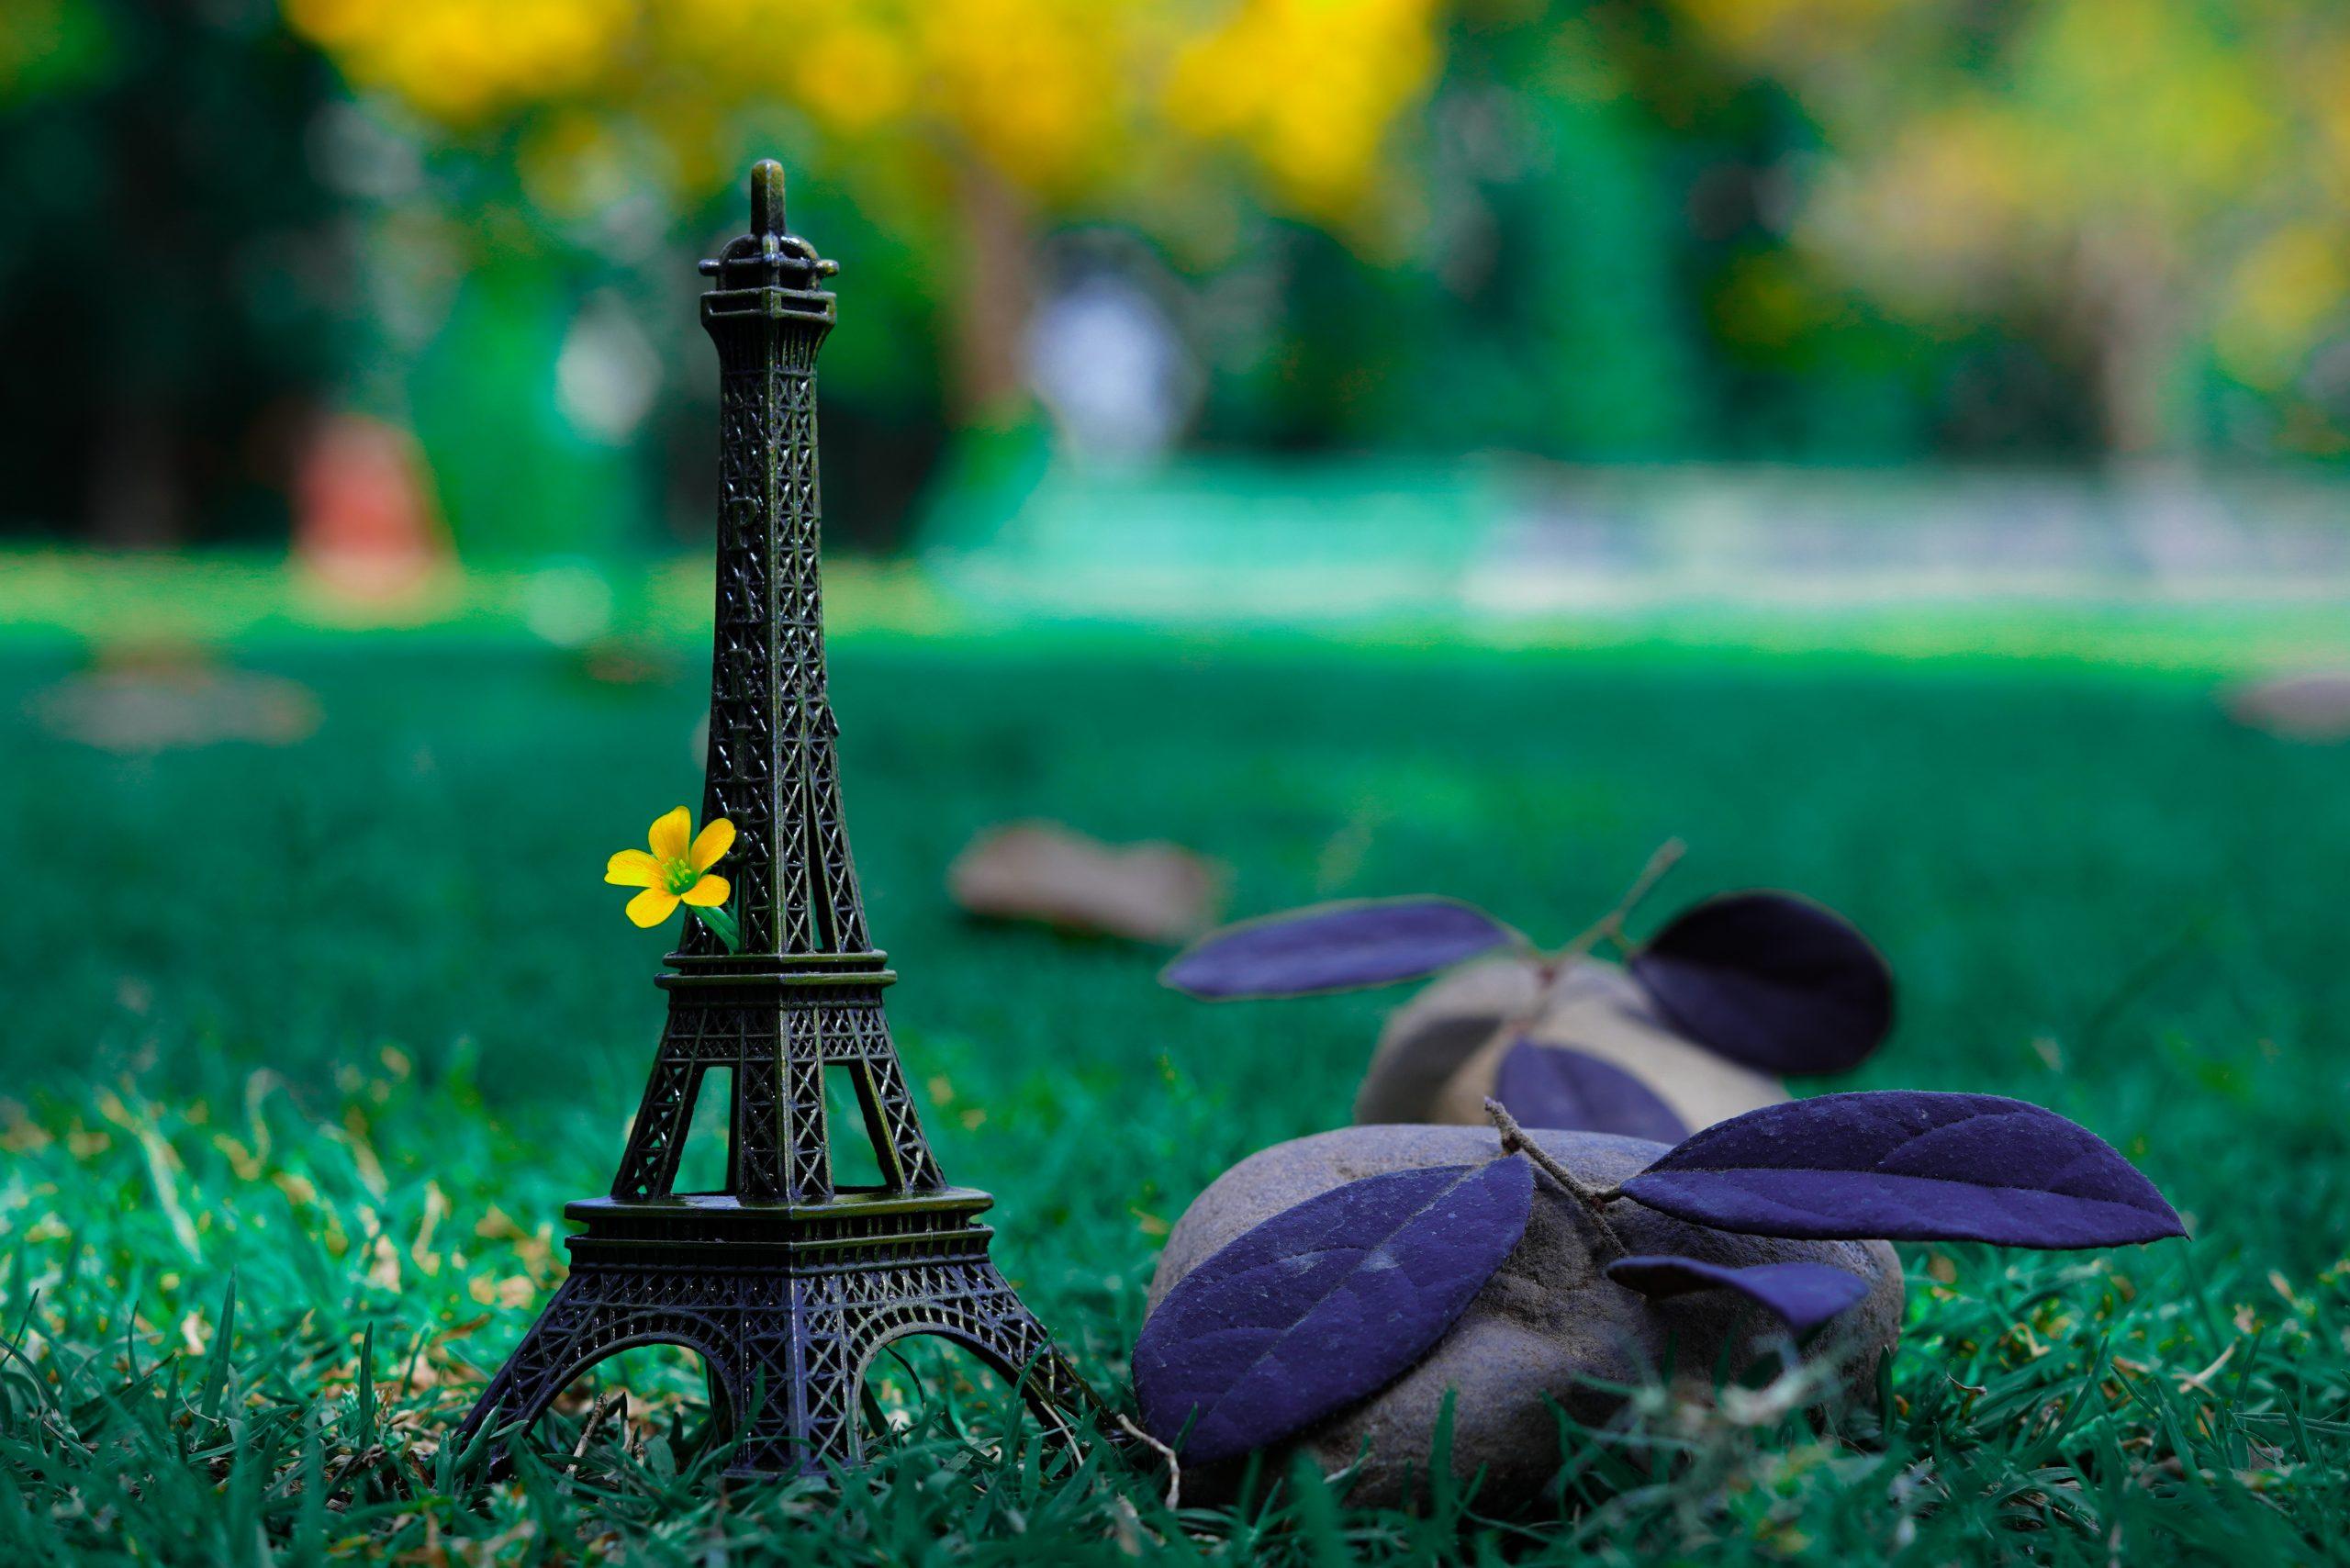 Eiffel tower toy